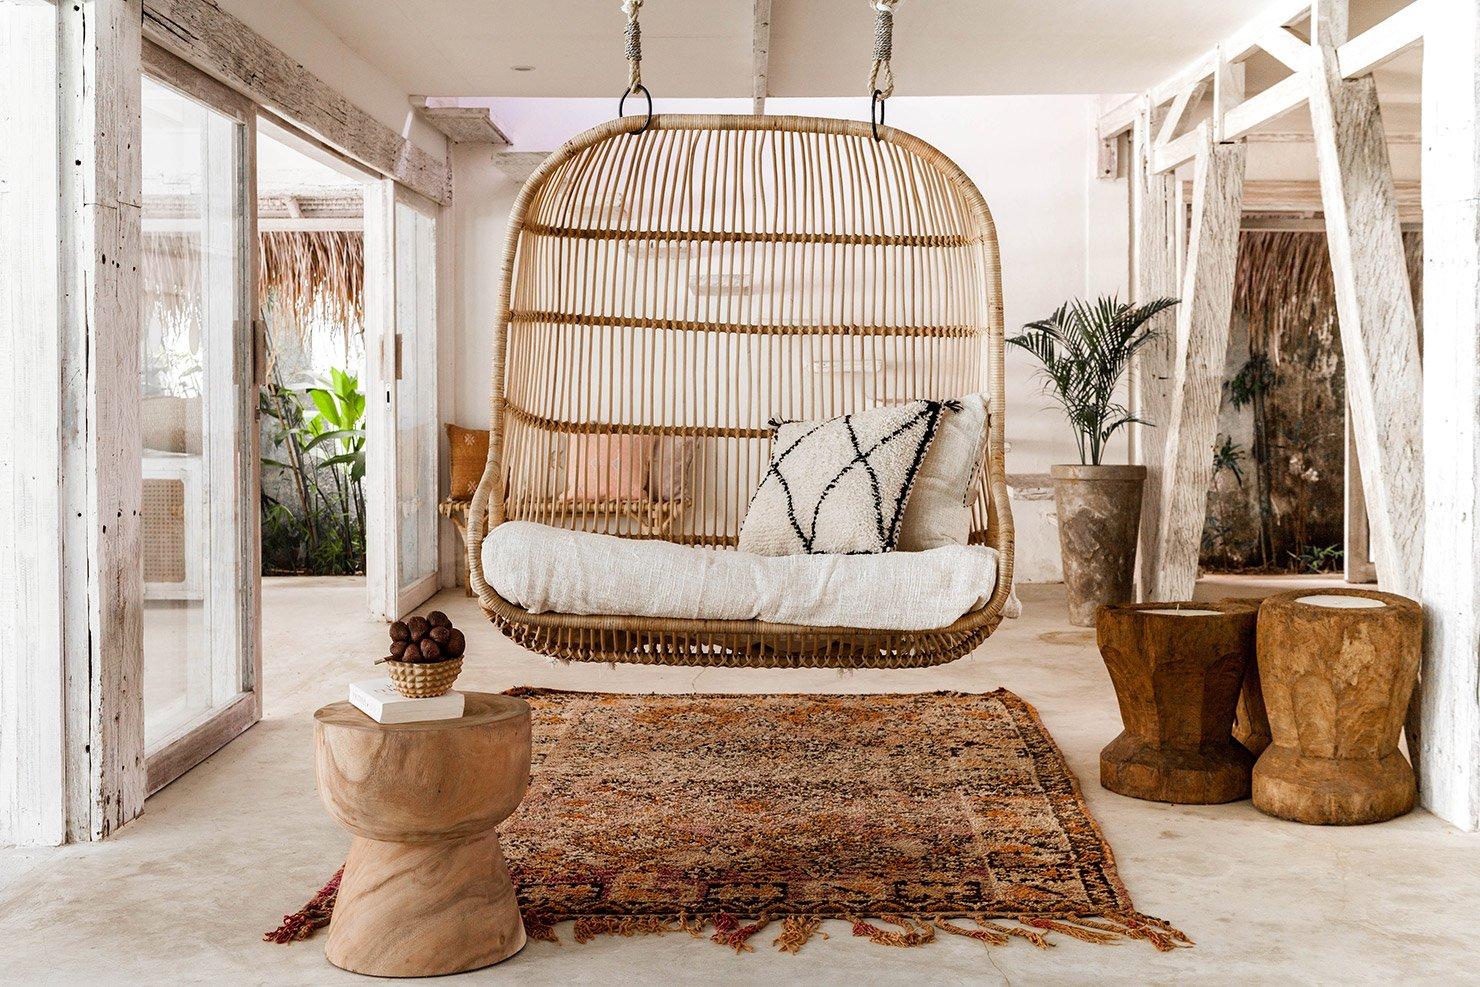 Bali Interiors- Yak & Yeti trader